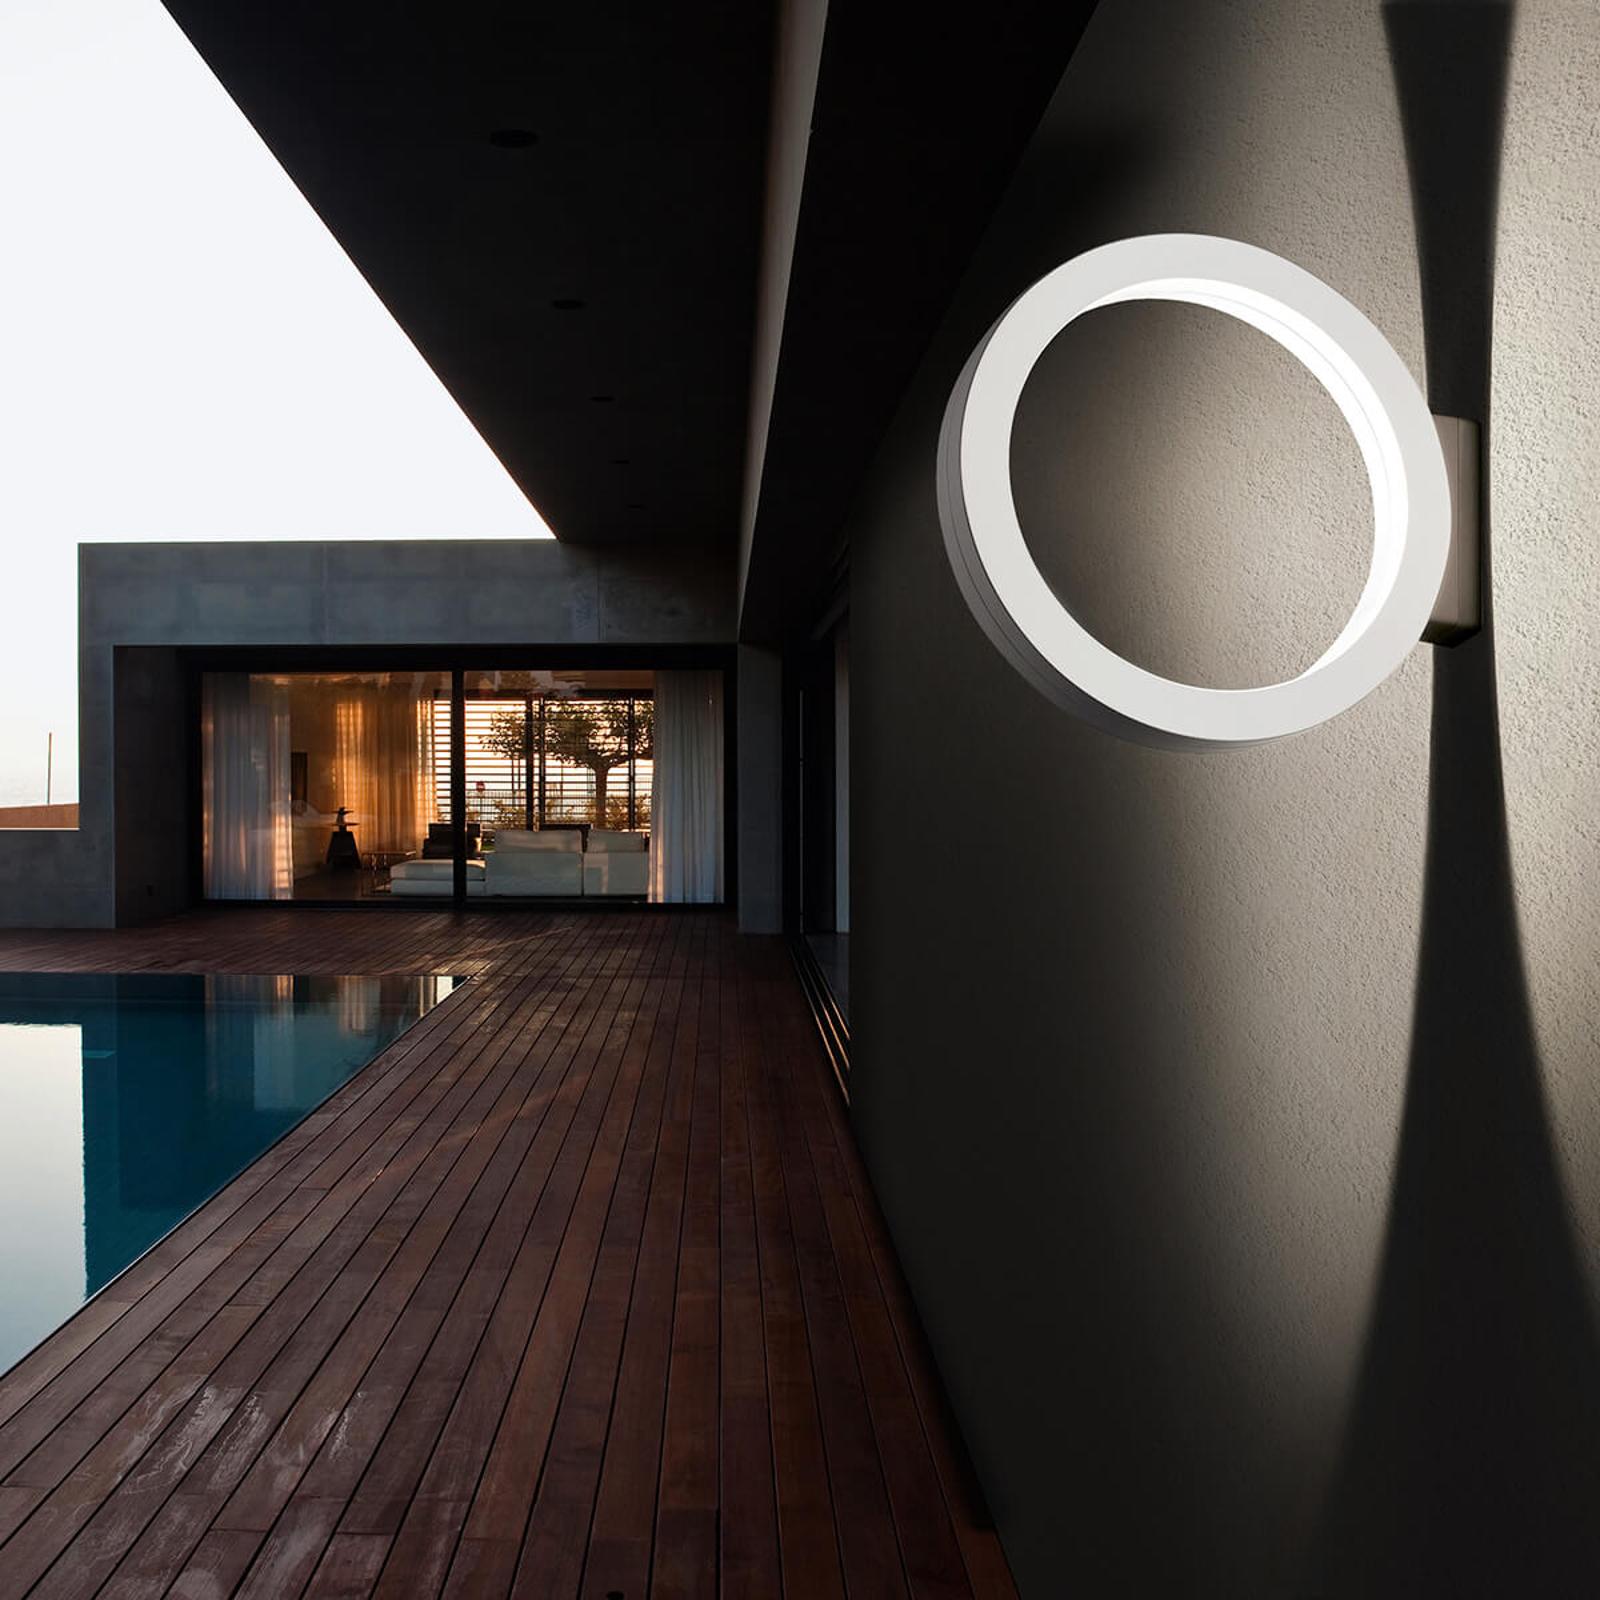 Ringformad LED-utomhusvägglampa Assolo, vit